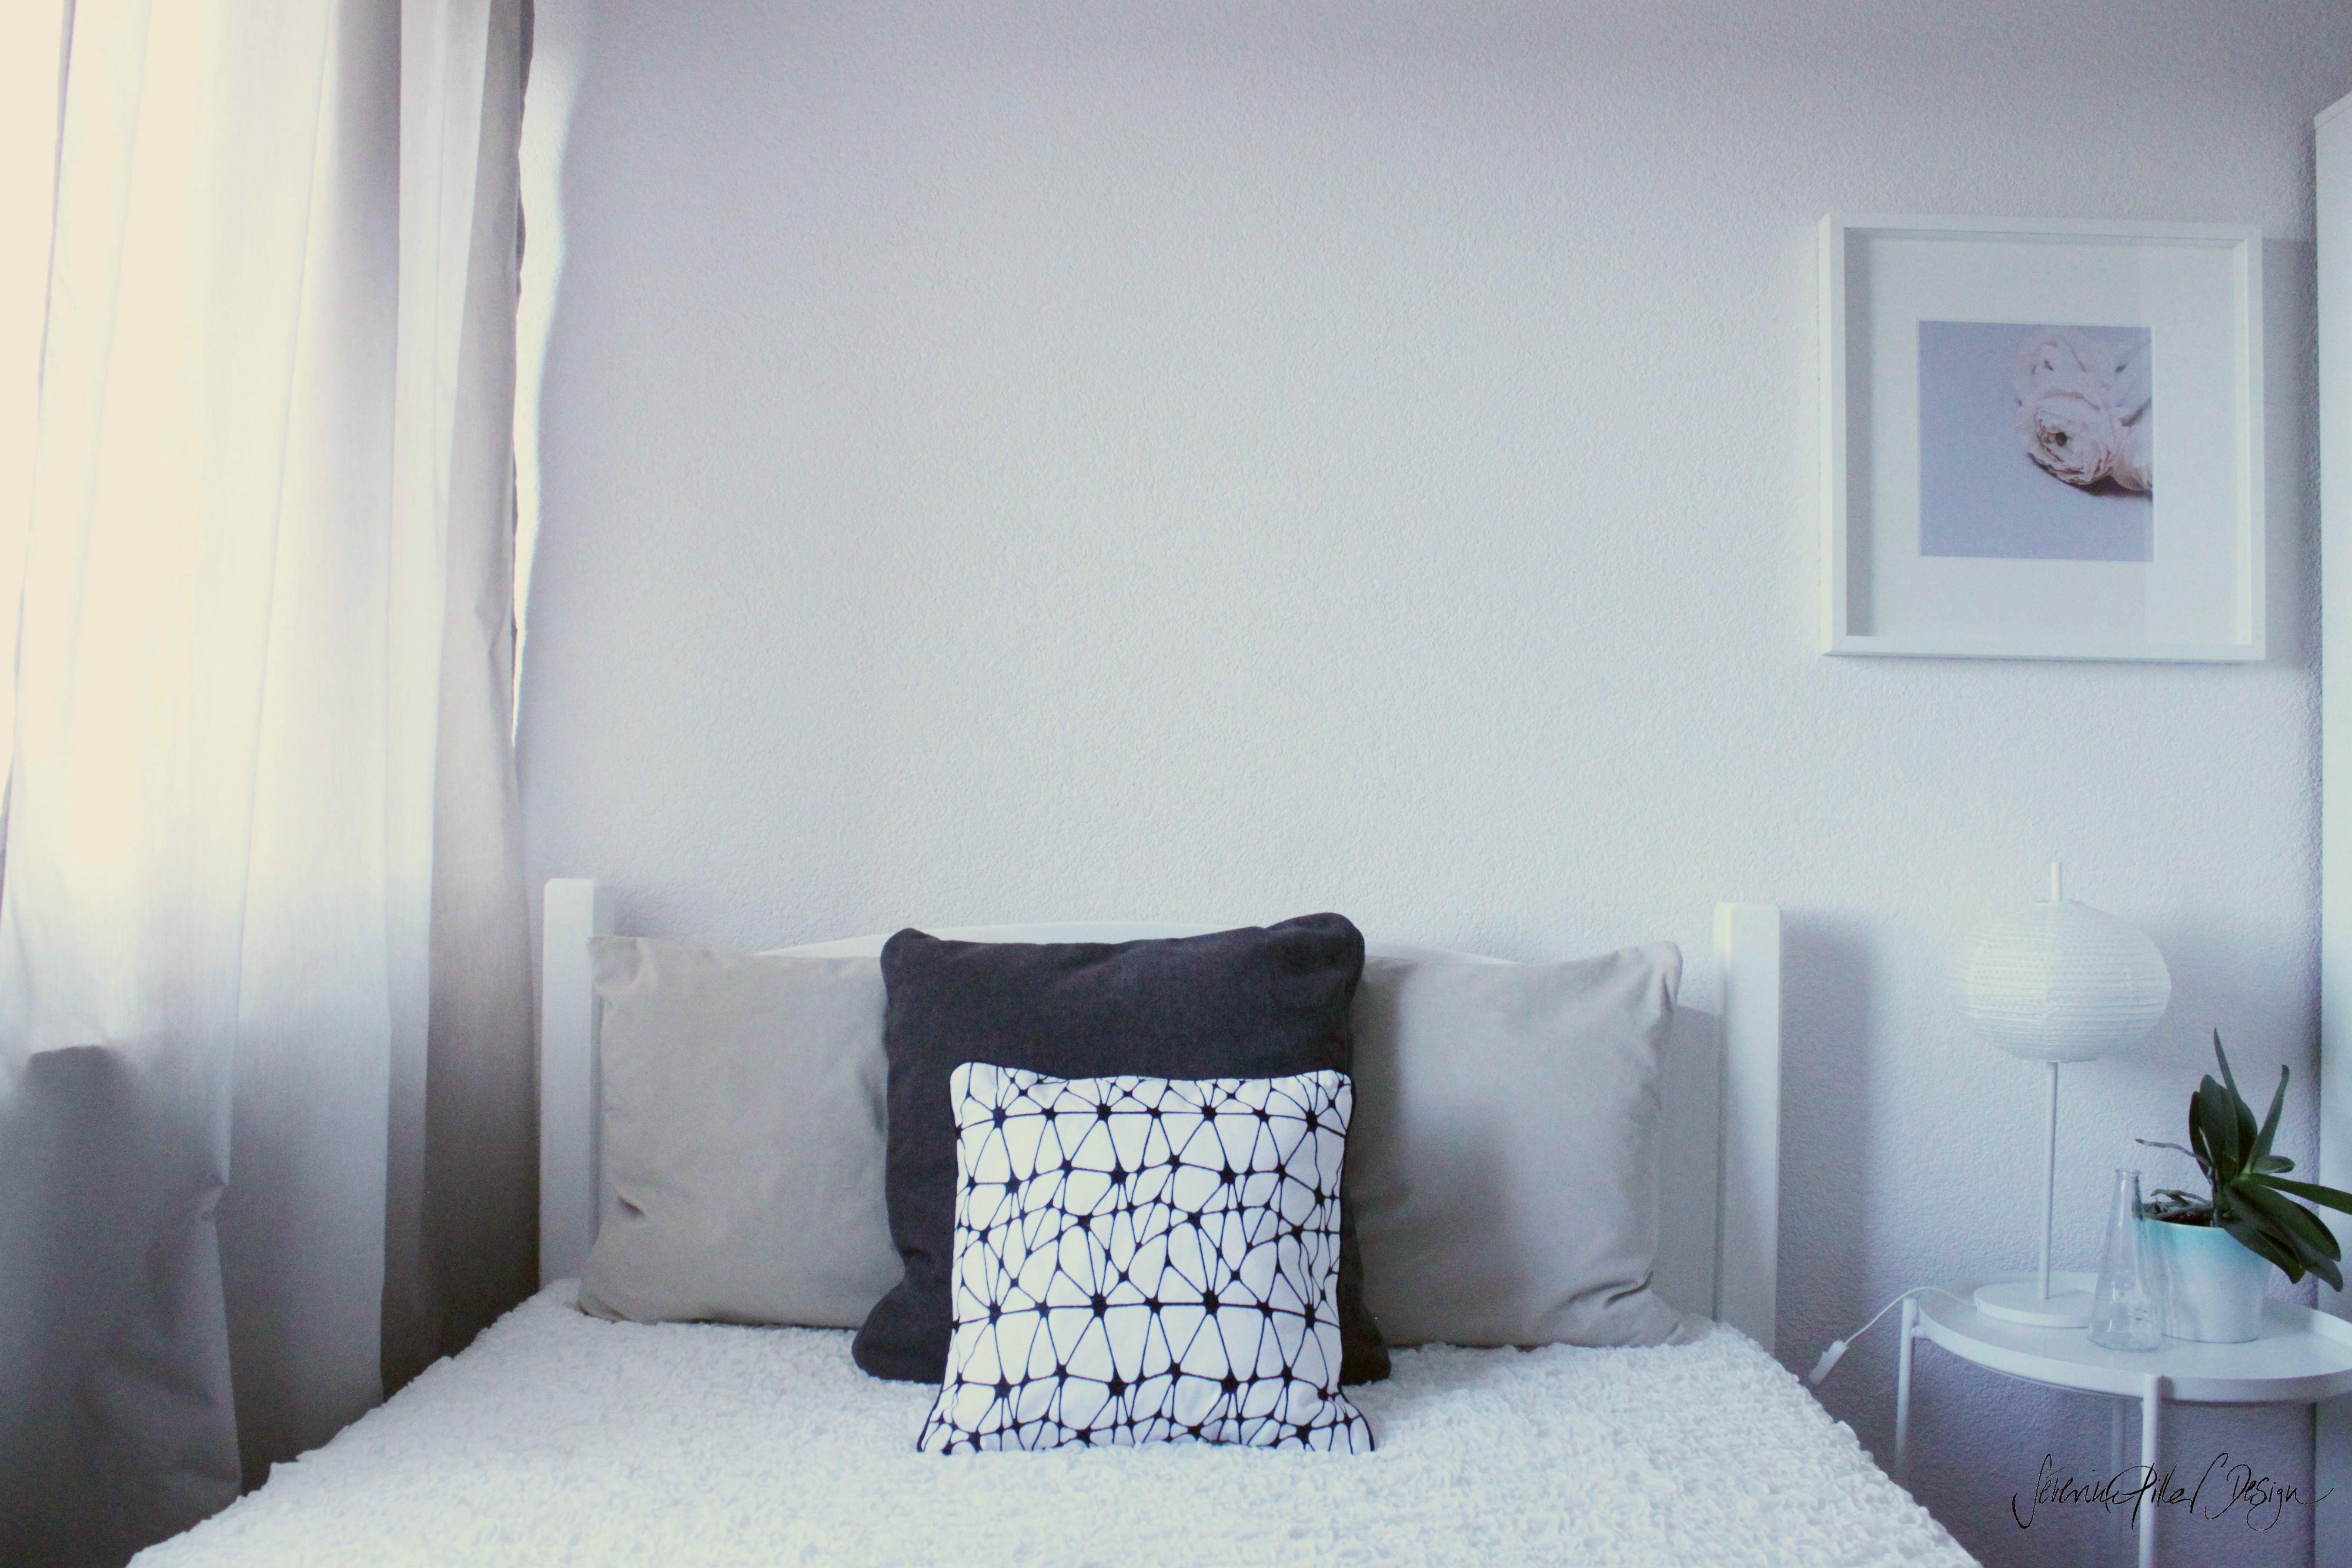 Schlafzimmerdeko • Bilder & Ideen • Couchstyle